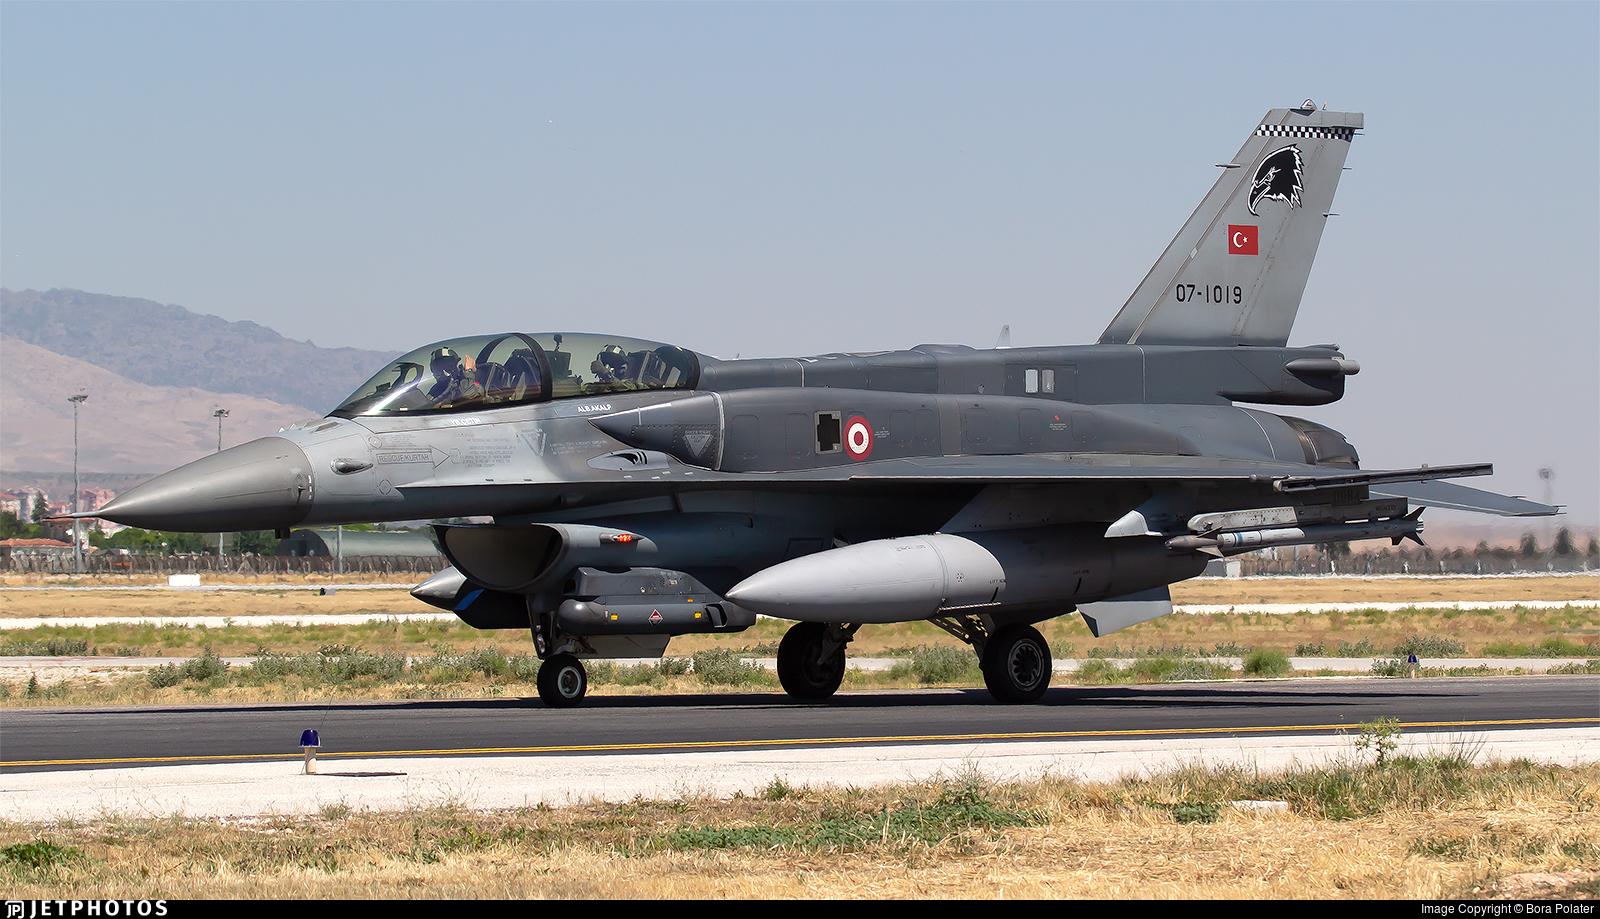 07-1019   General Dynamics F-16D Fighting Falcon   Turkey